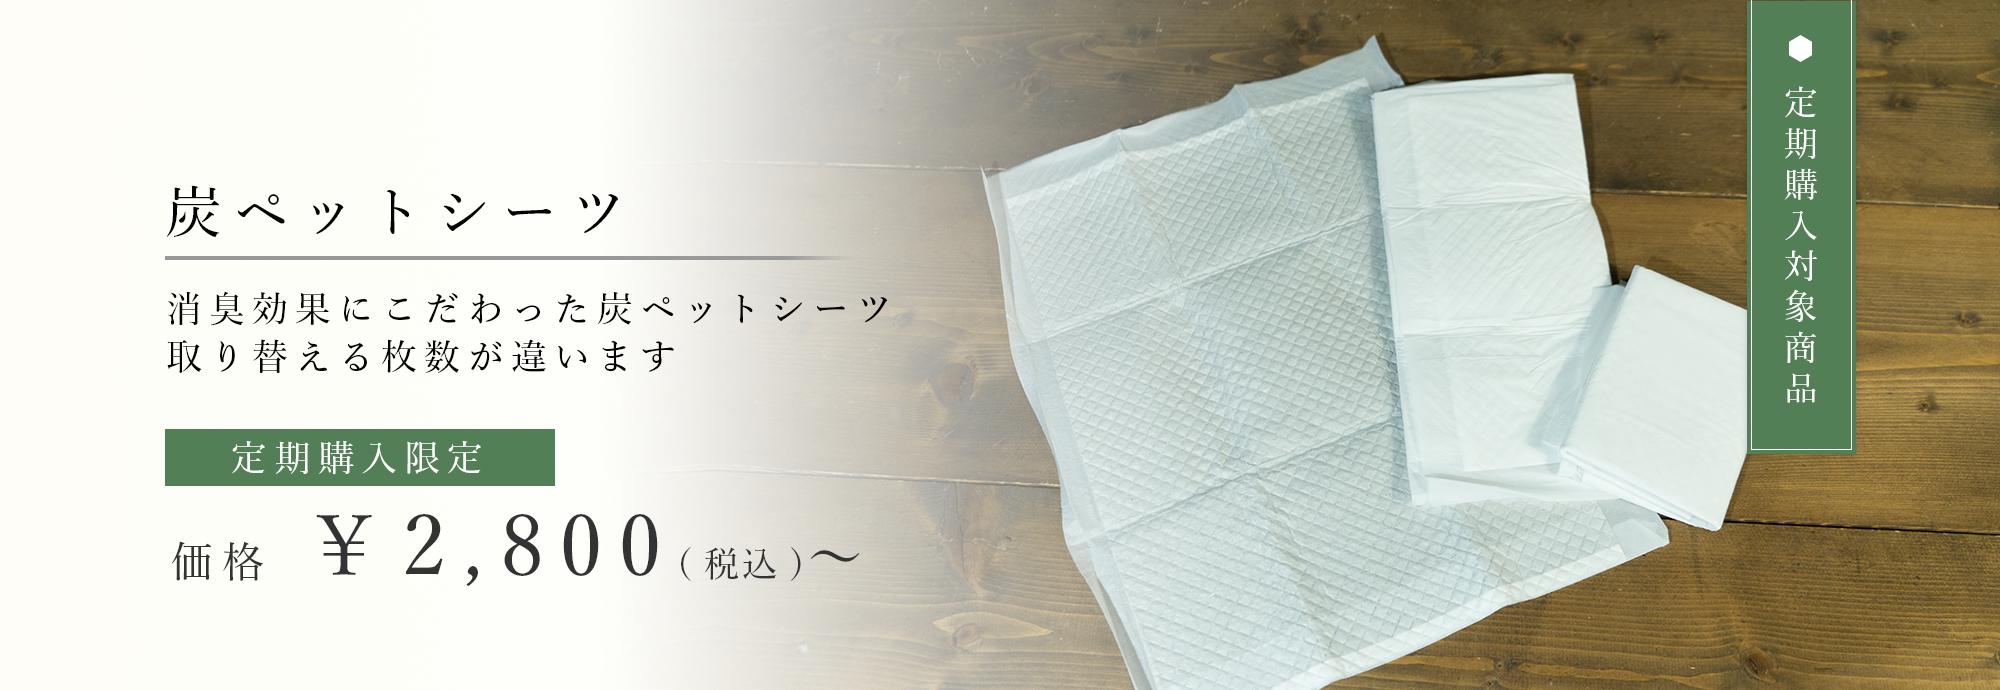 定期購入対象商品 炭ペットシーツ 消臭効果にこだわった炭ペットシーツ 取り替える枚数が違います 定期購入限定価格 ¥3,500(税込)〜